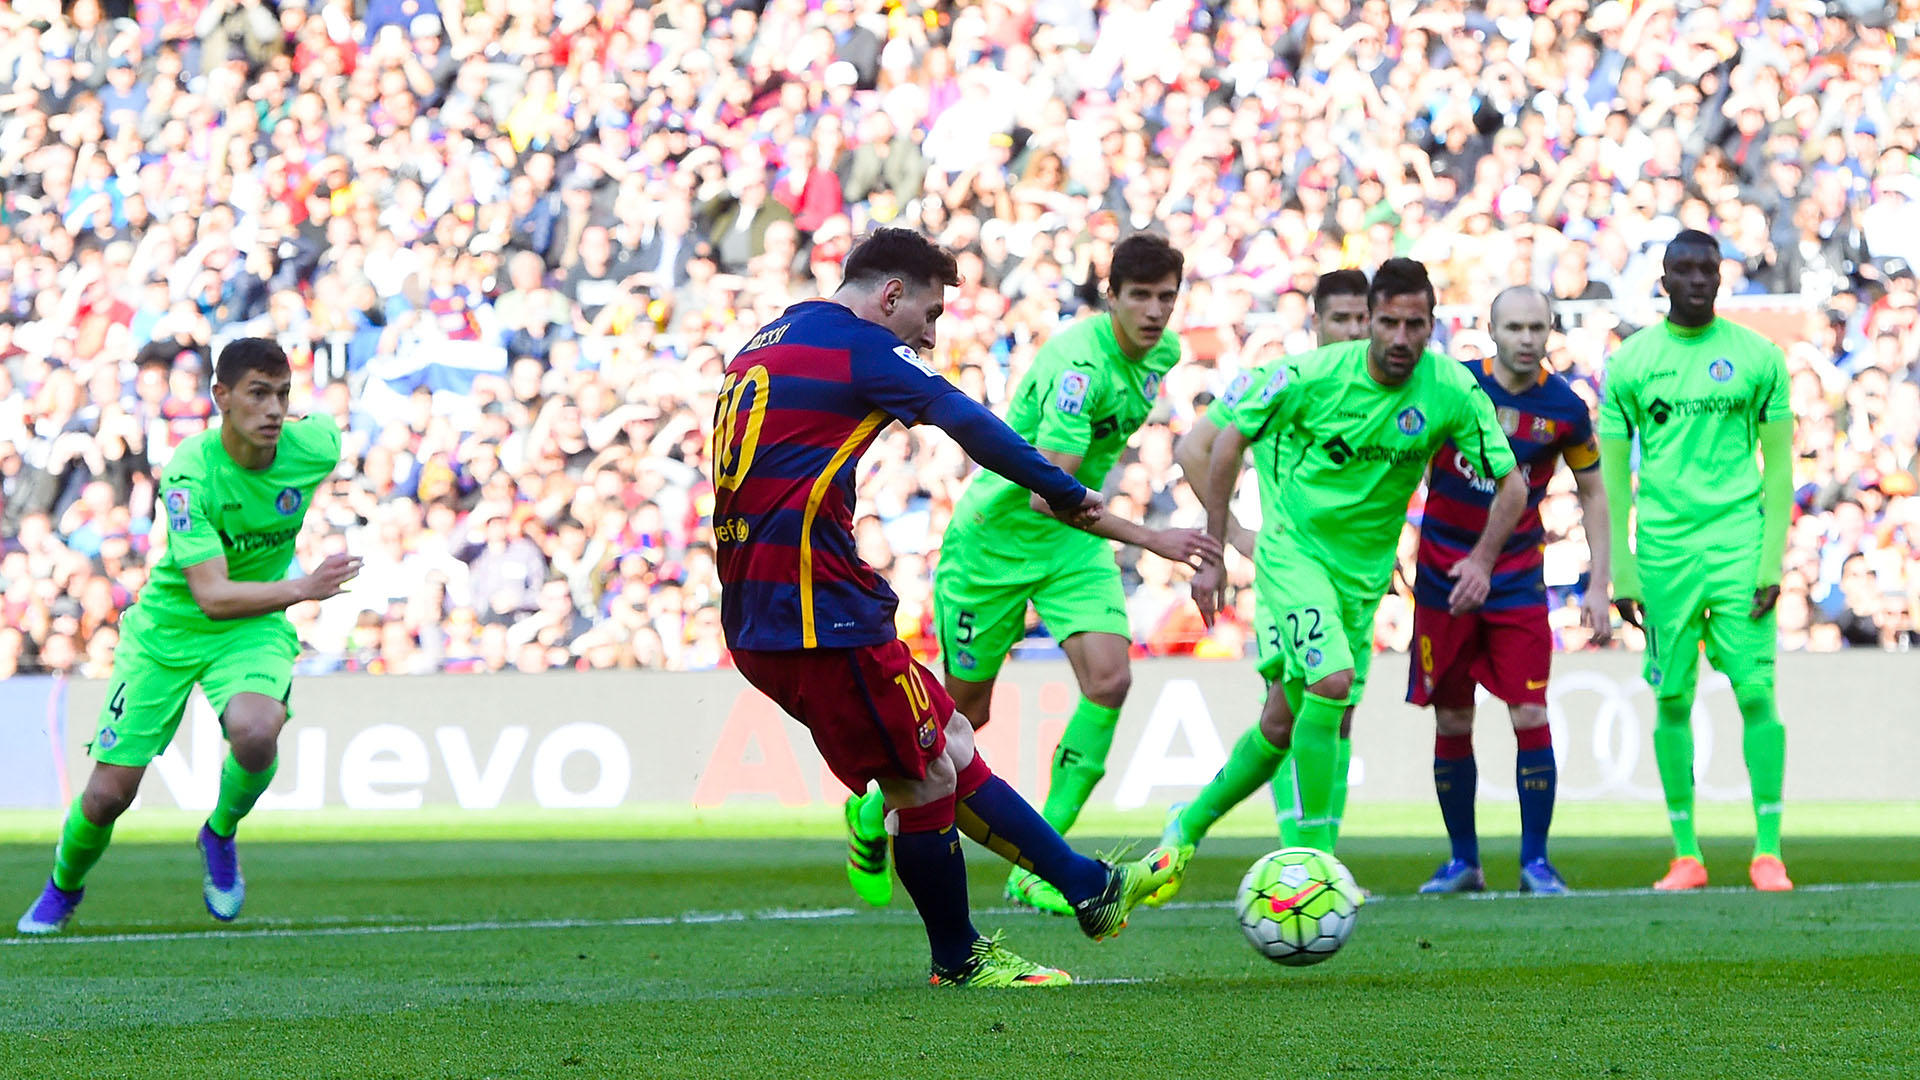 Revelan las cláusulas del contrato de Dembélé en el Barcelona